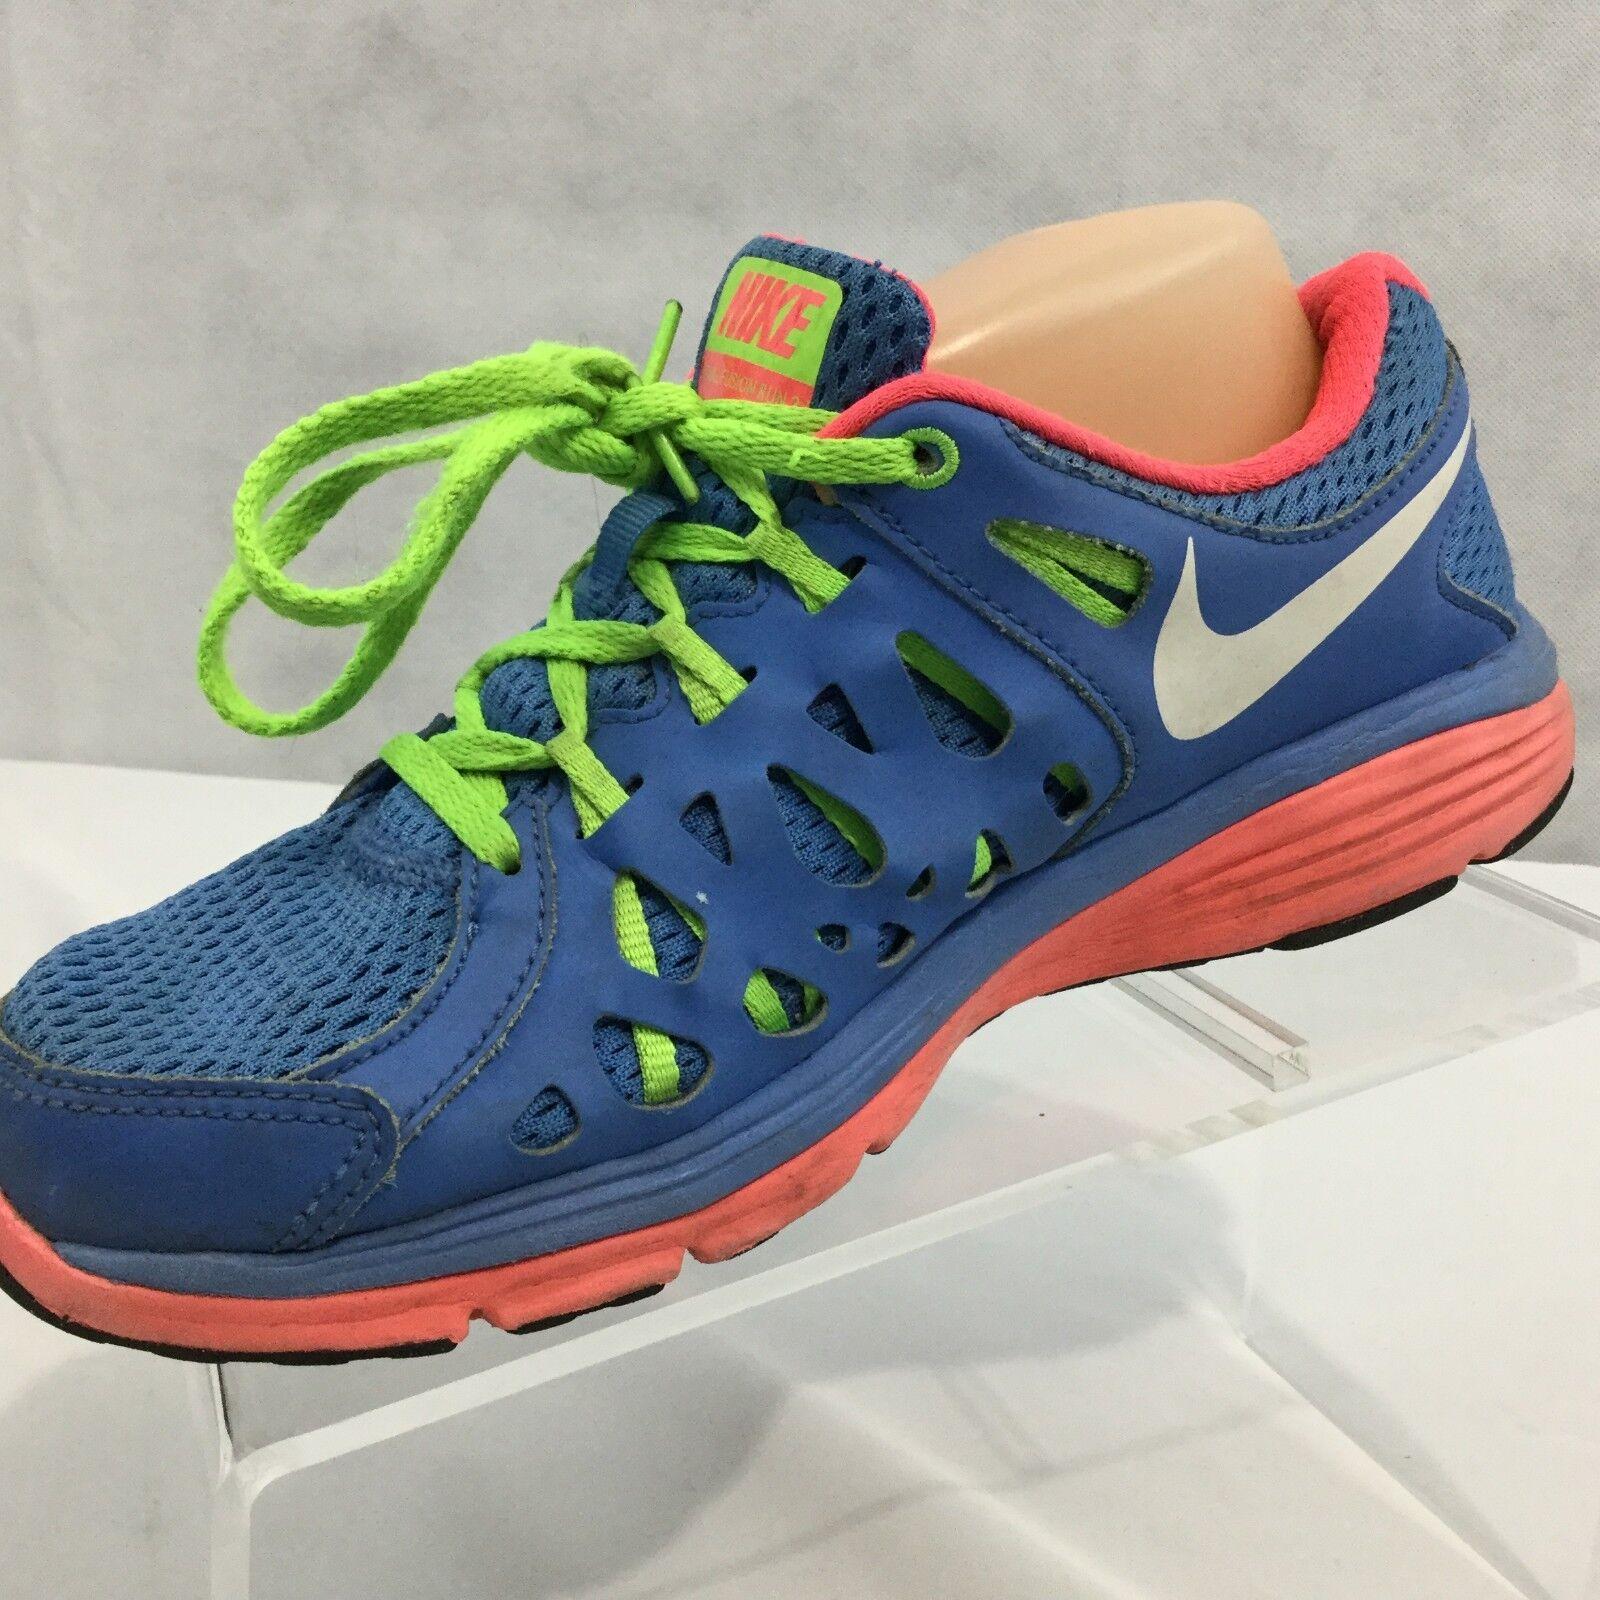 Nike doppia fusione run 2 sz 8 blu verde scarpa da corsa atletica leggera allenamento rosa | scarseggia  | Maschio/Ragazze Scarpa